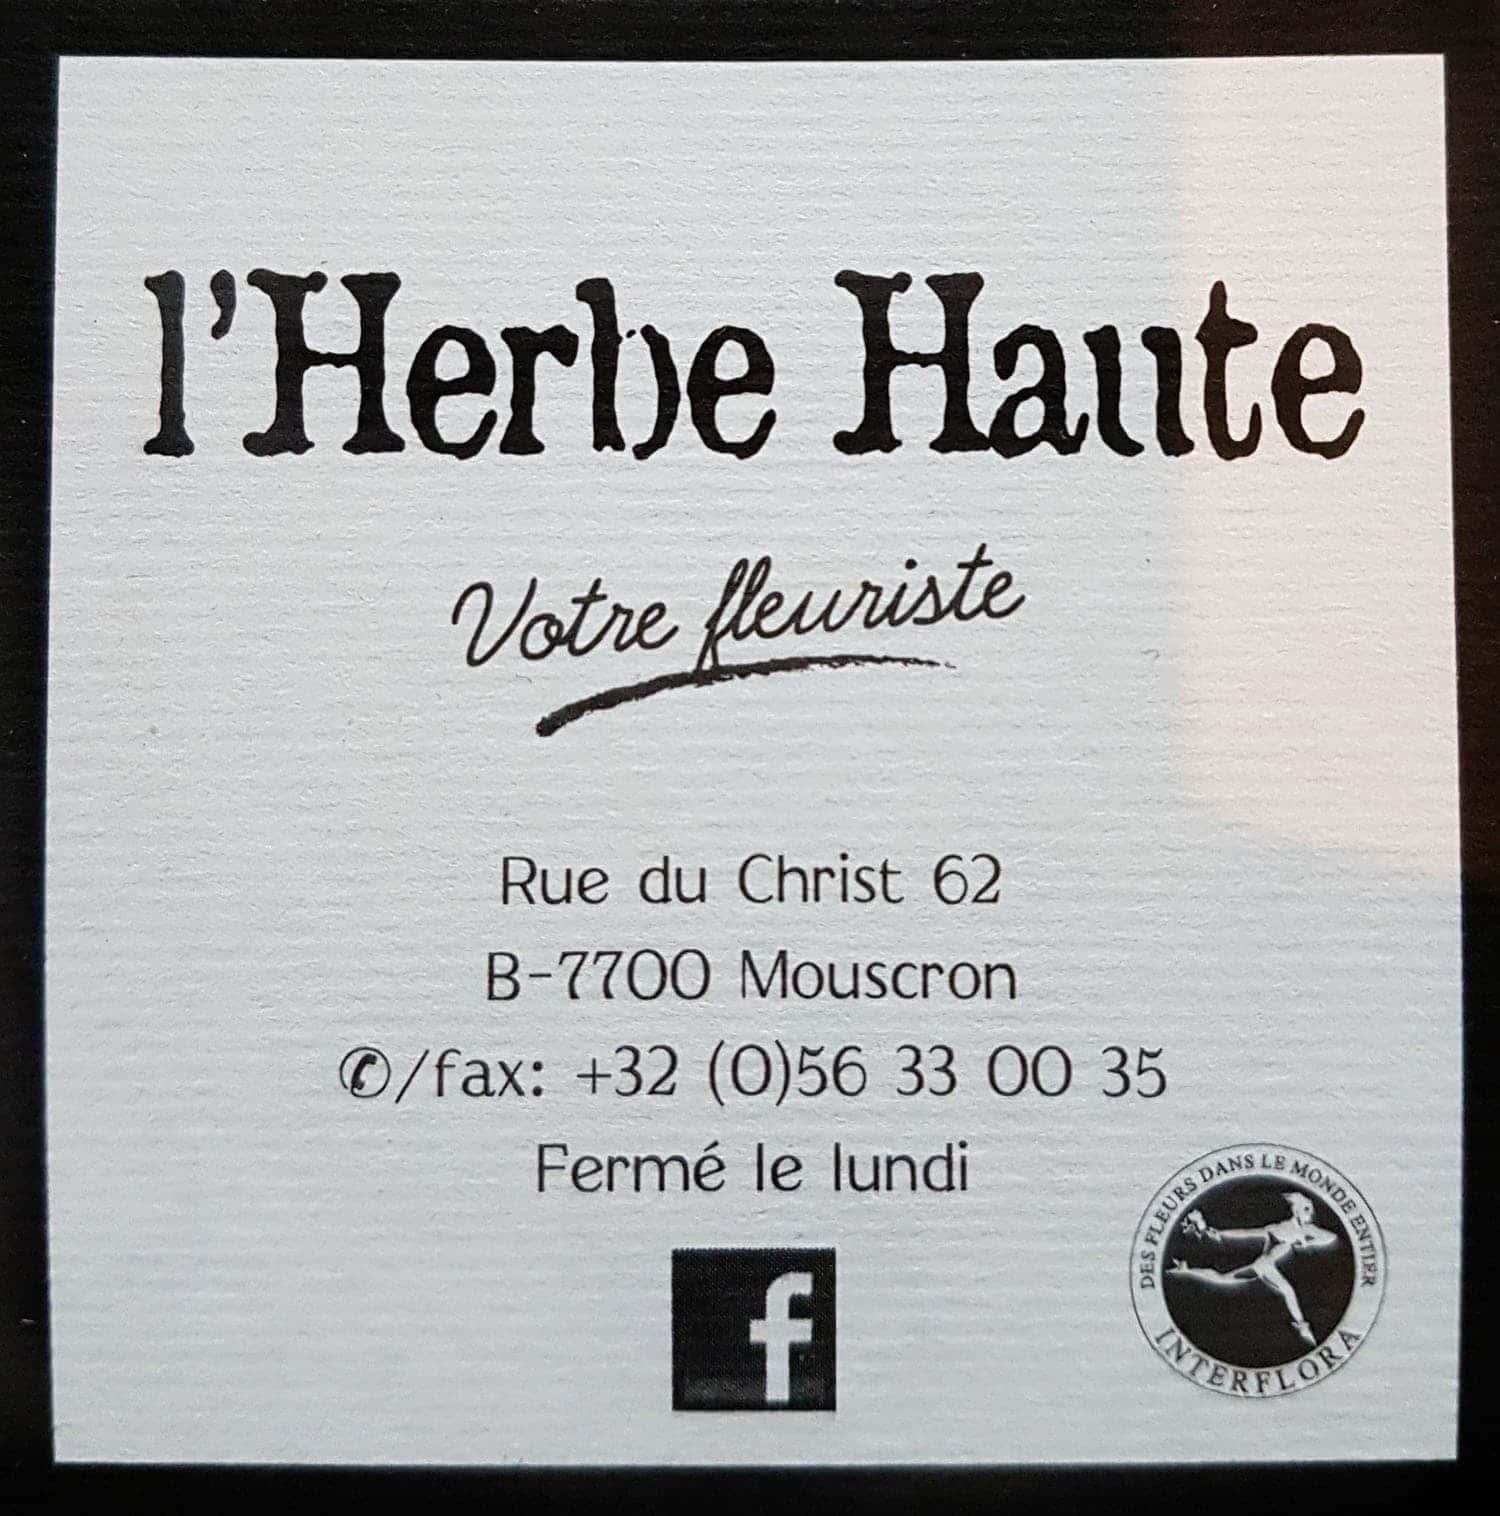 Le Studio Fhano.eu vous recommande L'Herbe Haute, votre fleuriste sur Mouscron et environ.